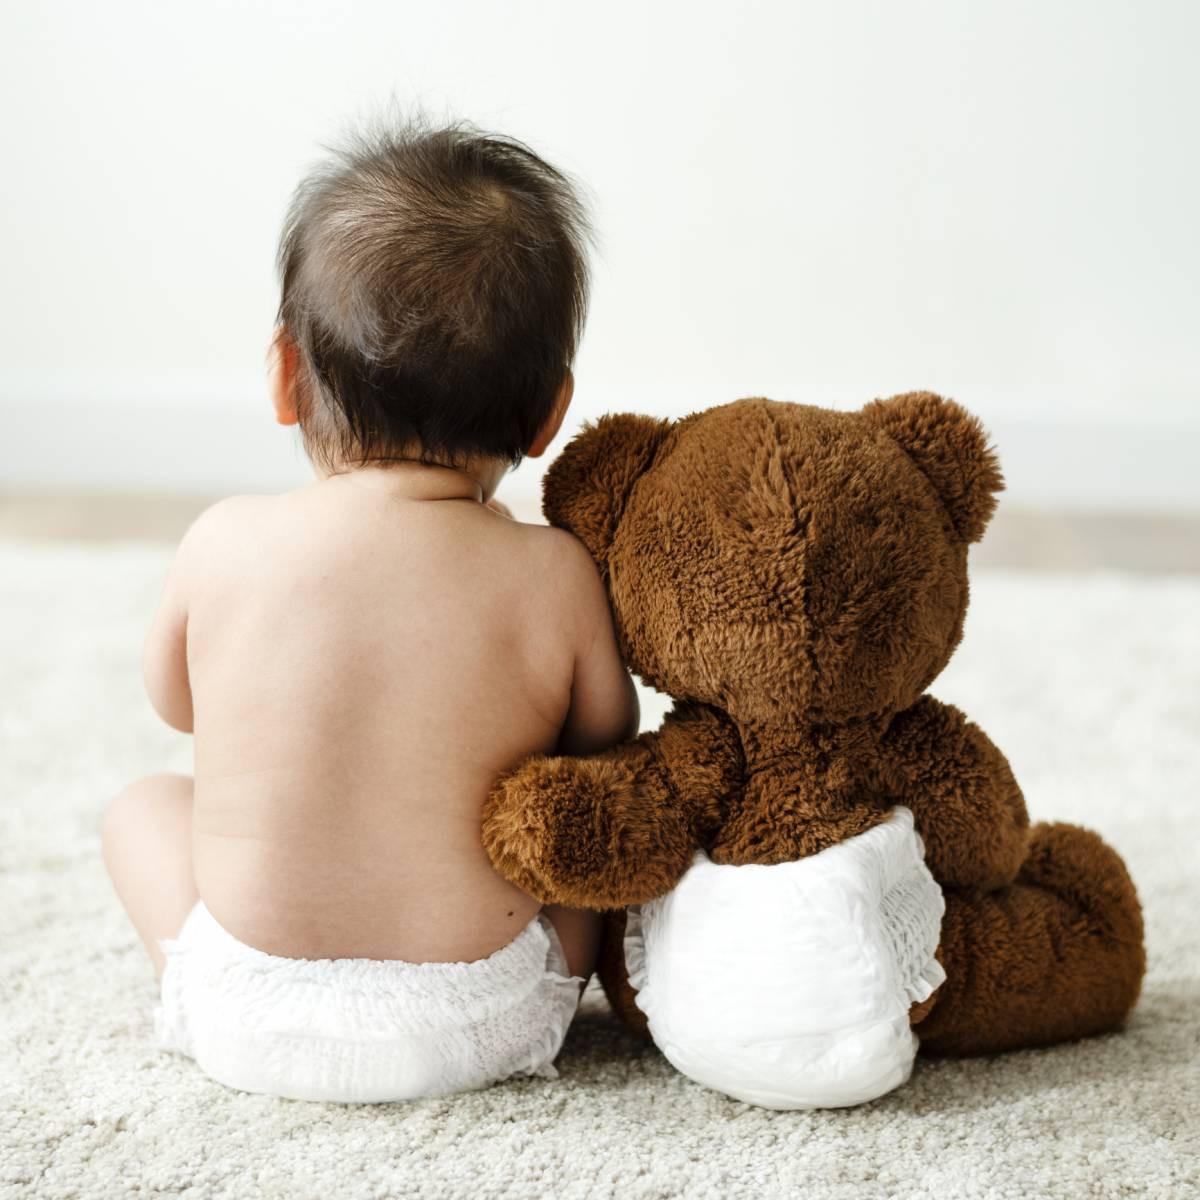 Comment bien choisir un doudou pour bébé à offrir?